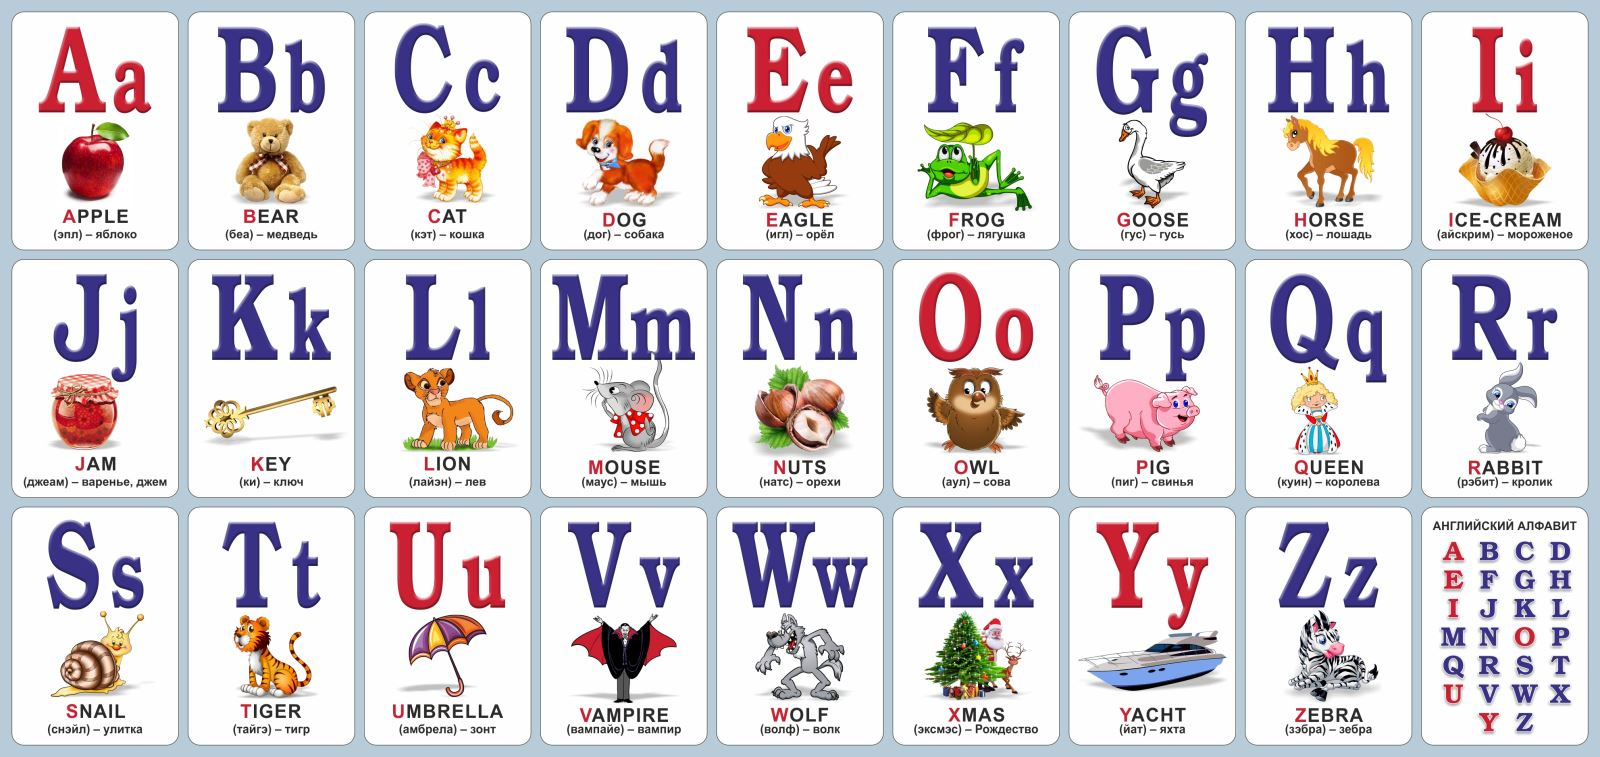 картинки английский алфавит с переводом на русский были